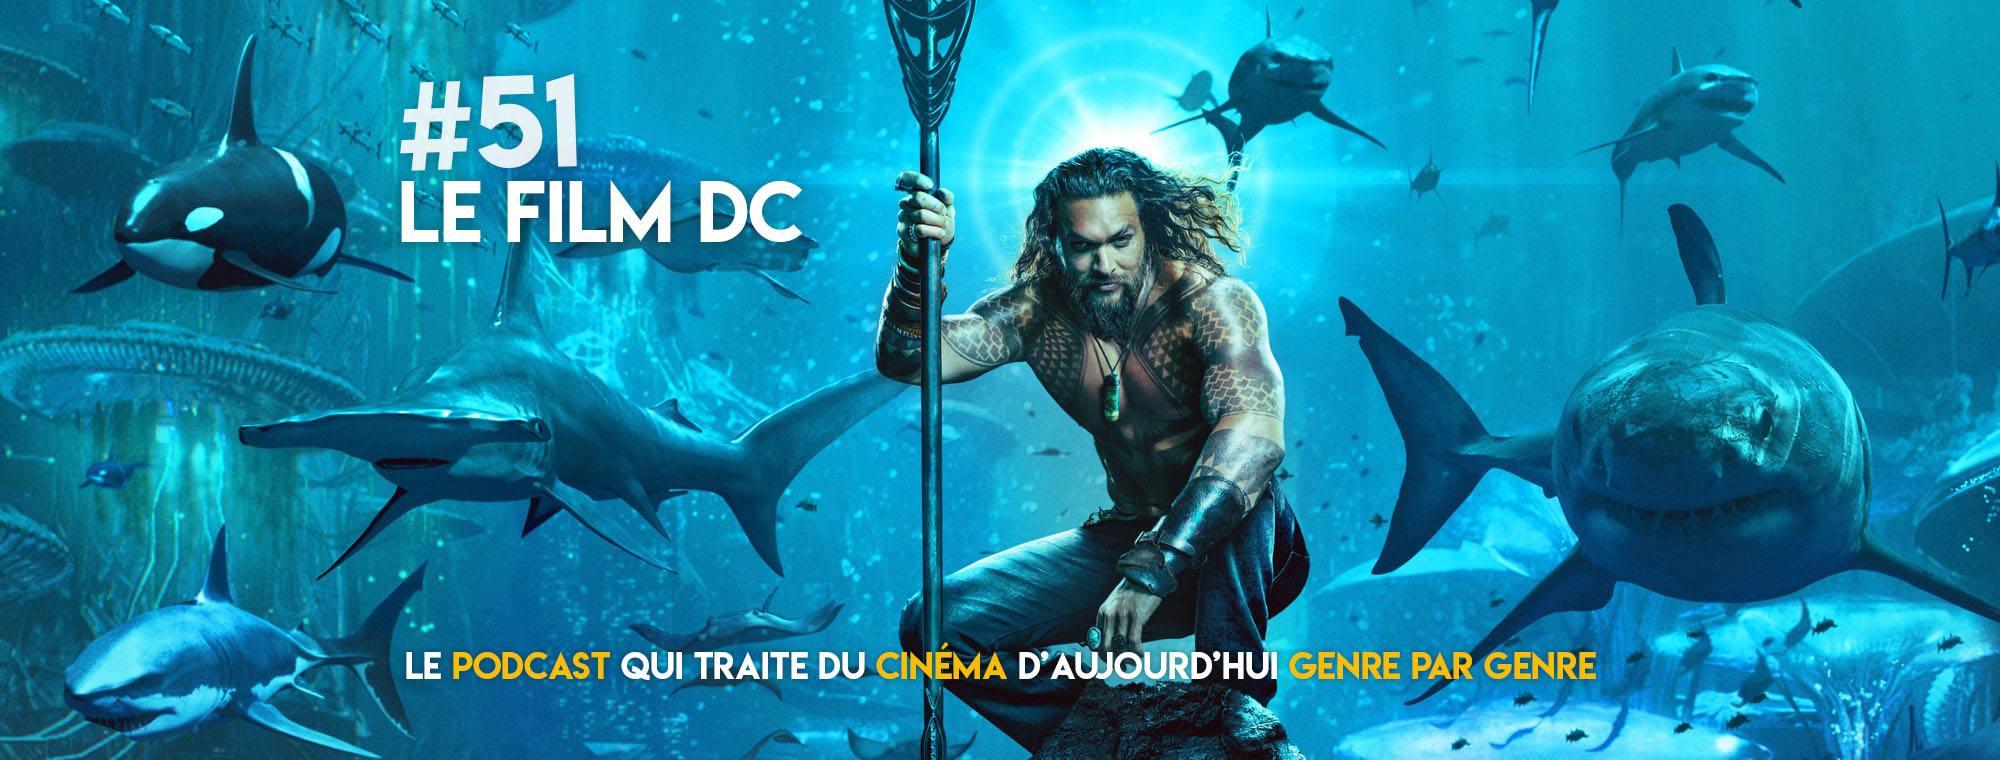 Parlons Péloches - #51 Le film DC